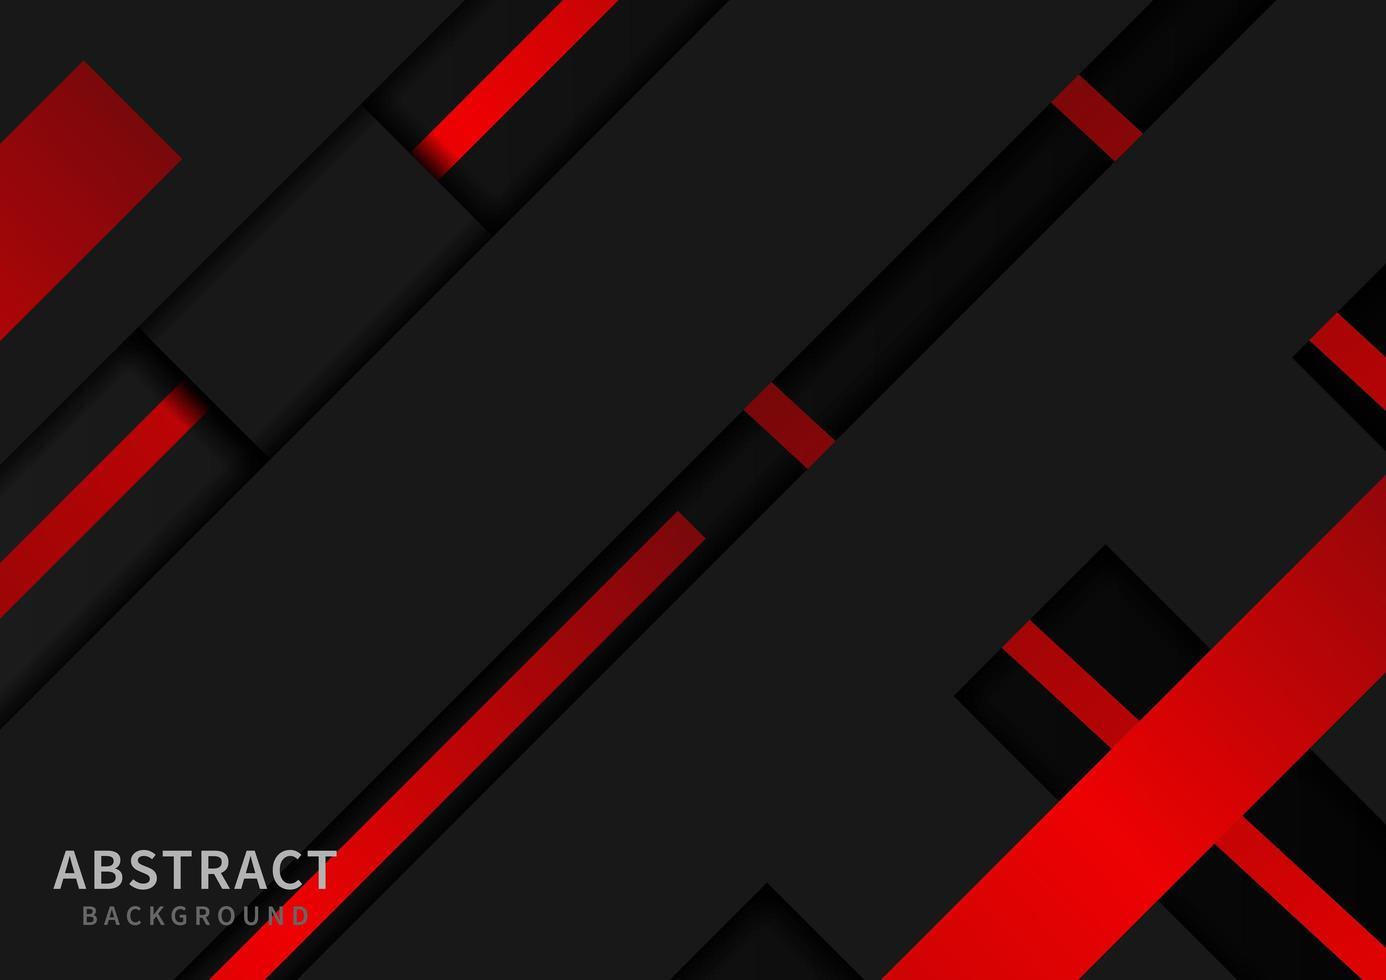 desenho abstrato com formas diagonais vermelhas e pretas vetor